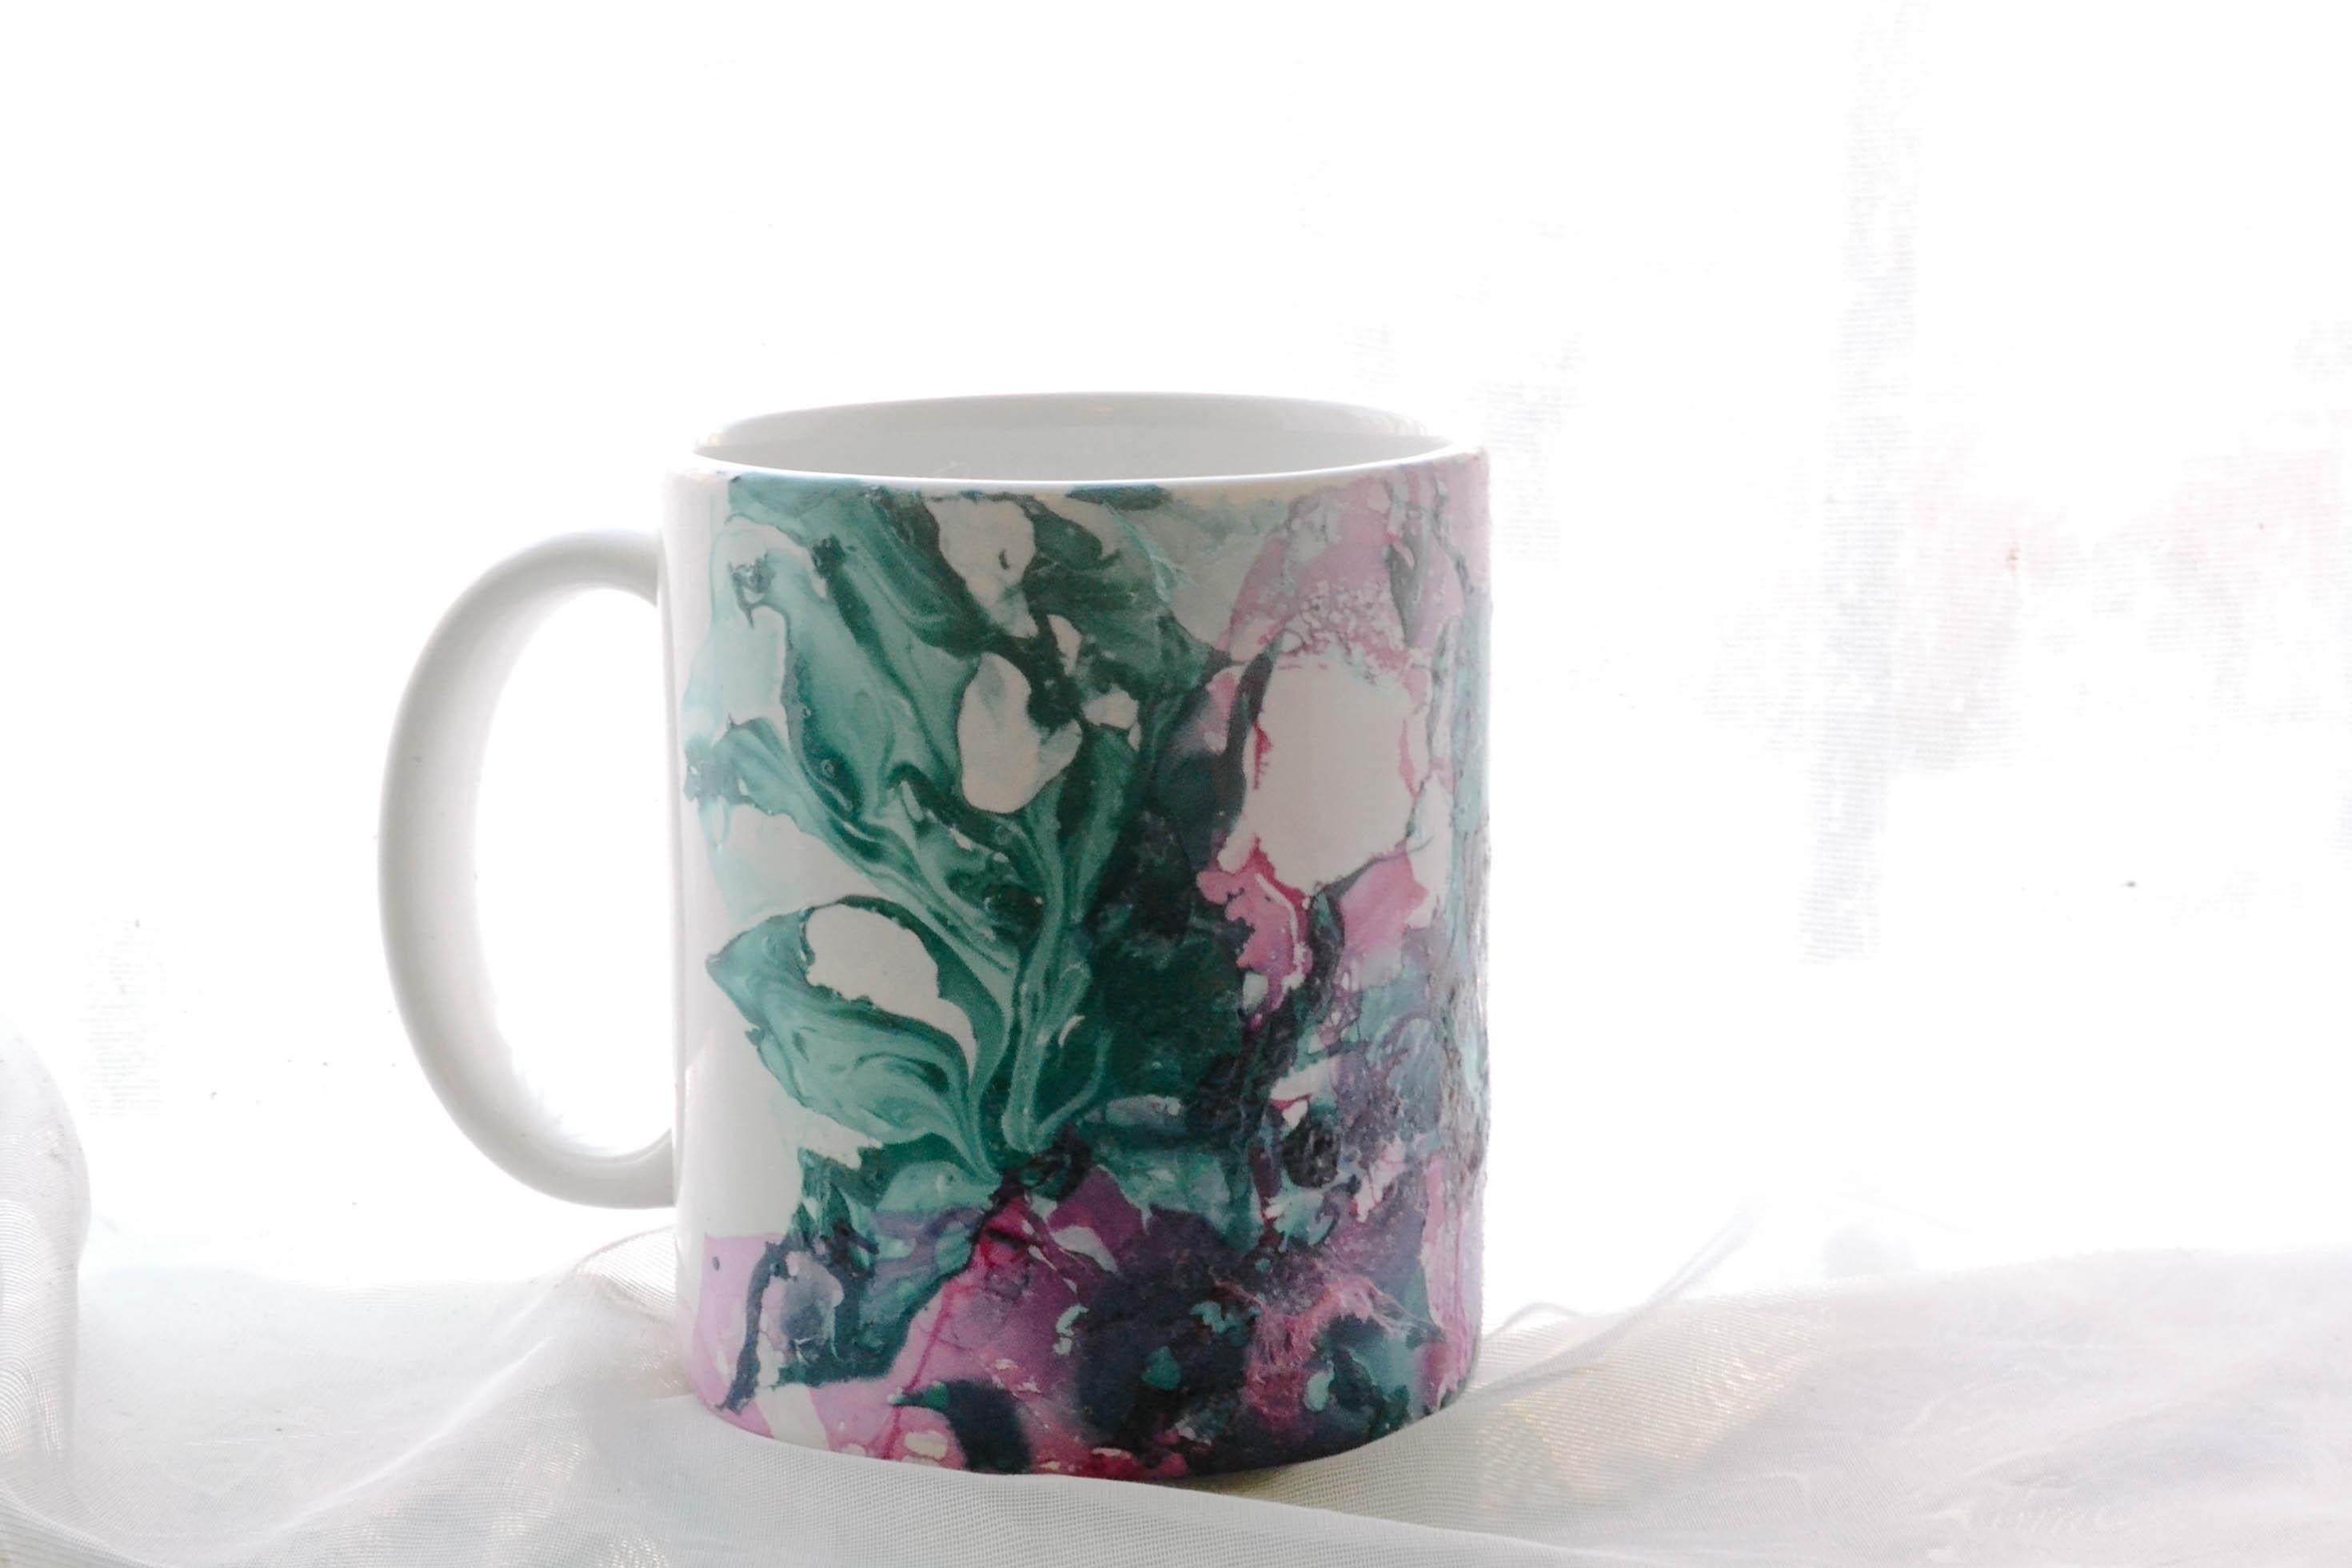 caneca-diy-mug-esmalte-facil-decorar-decorada-pinterest-4x (2)